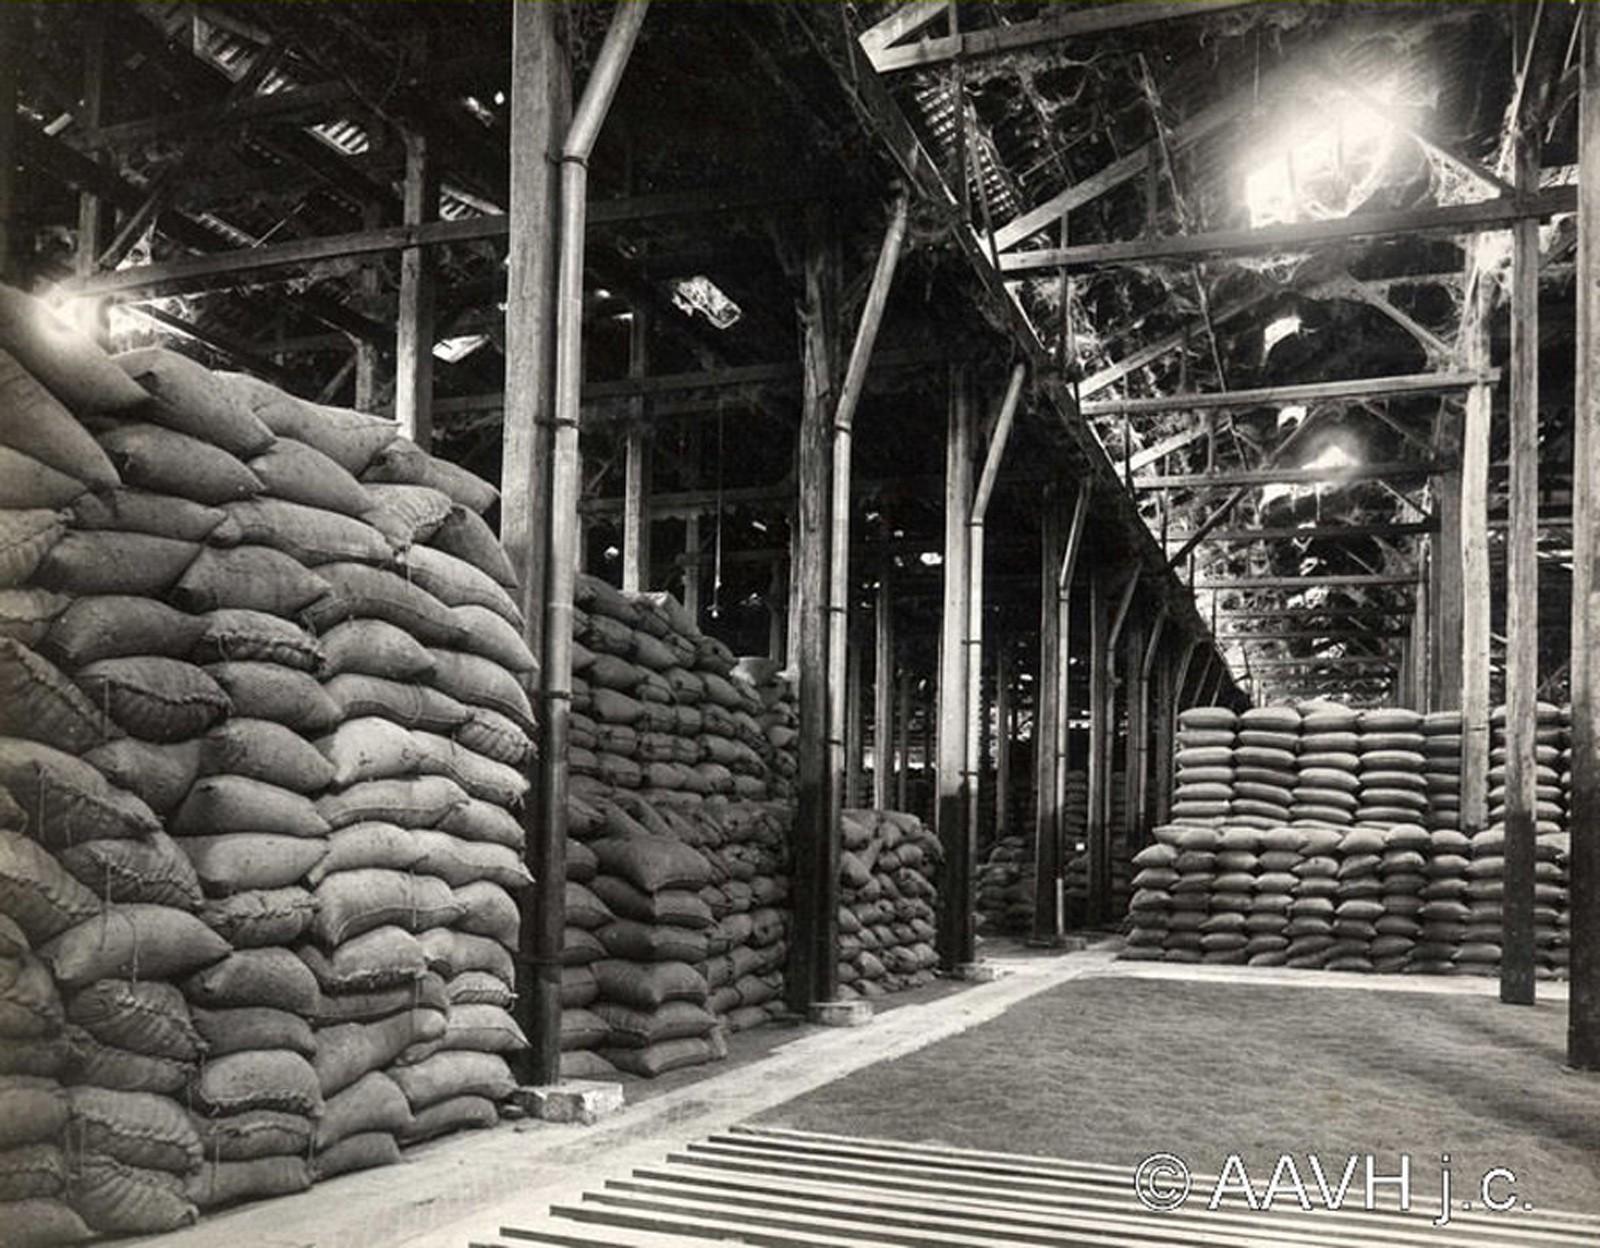 Chùm ảnh: Khám phá nền kinh tế lúa gạo ở Chợ Lớn năm 1925